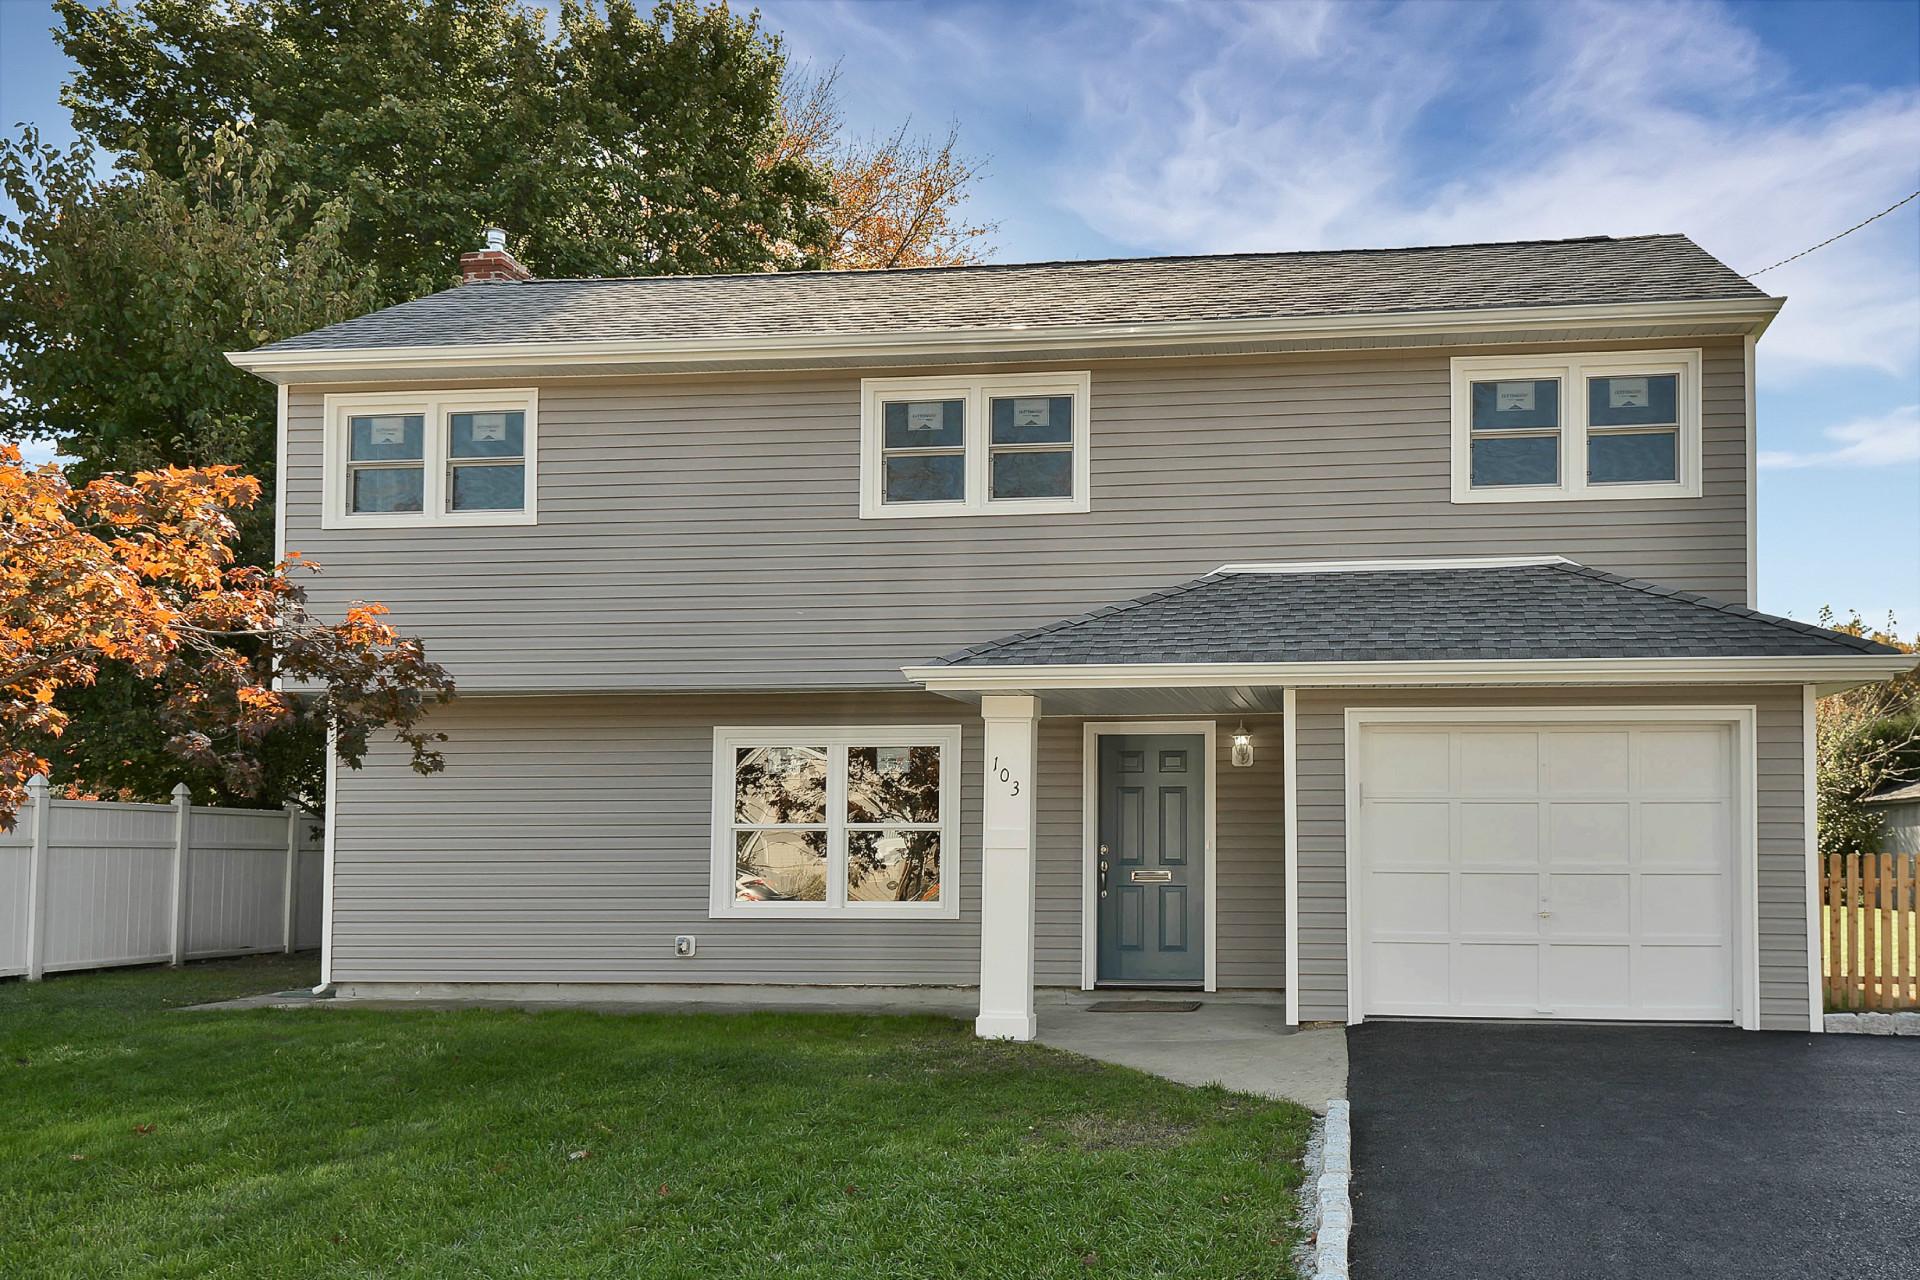 Частный односемейный дом для того Продажа на Sensational Renovation 103 White Beeches Dr Dumont, Нью-Джерси 07628 Соединенные Штаты